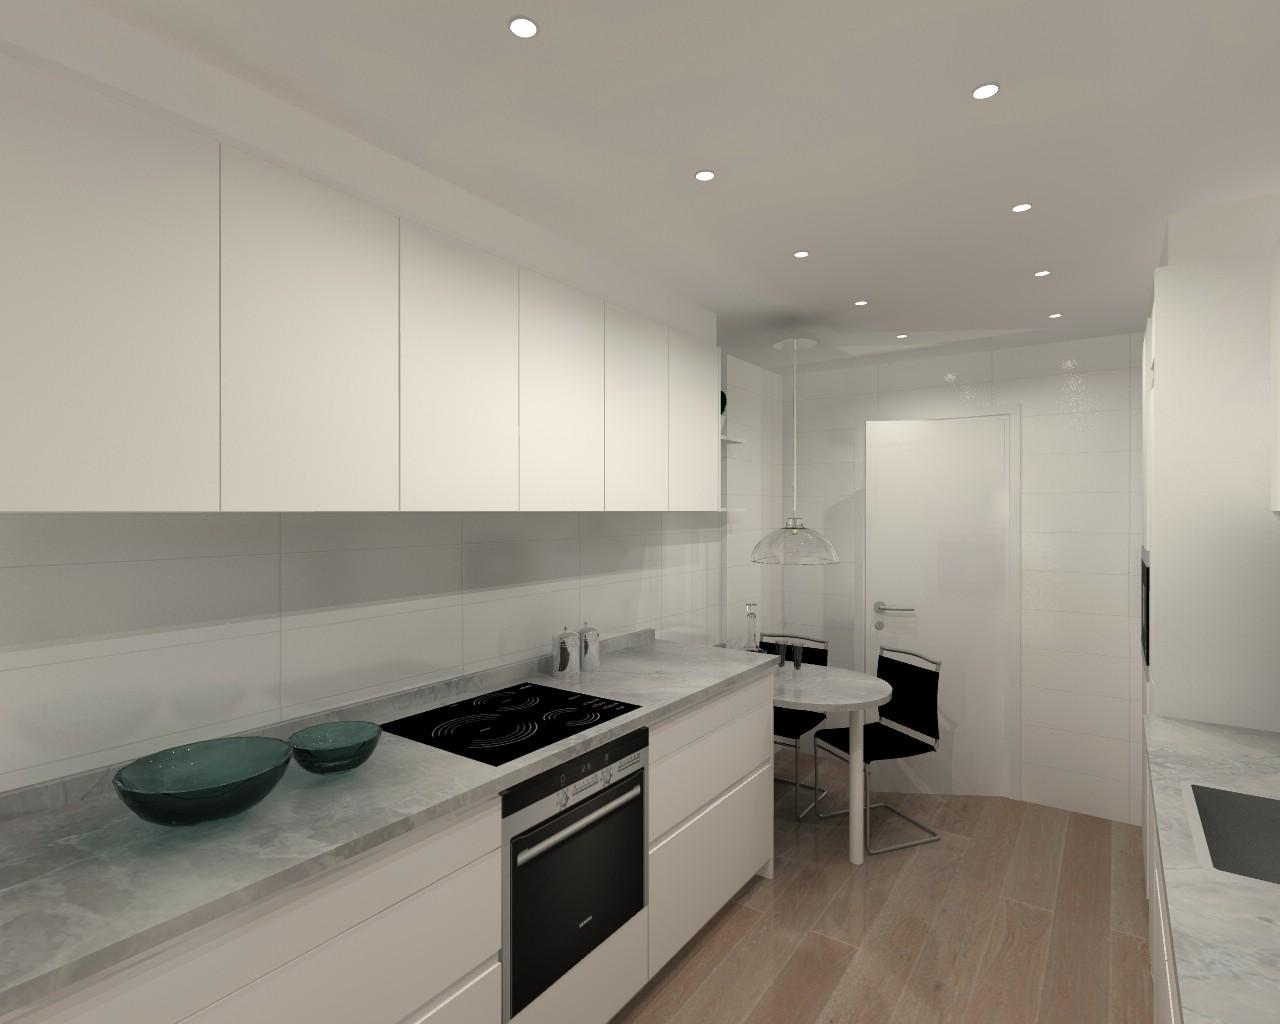 Cocina santos modelo intra e blanco encimera granito portobello estudio cocinas dc - Encimera cocina granito ...